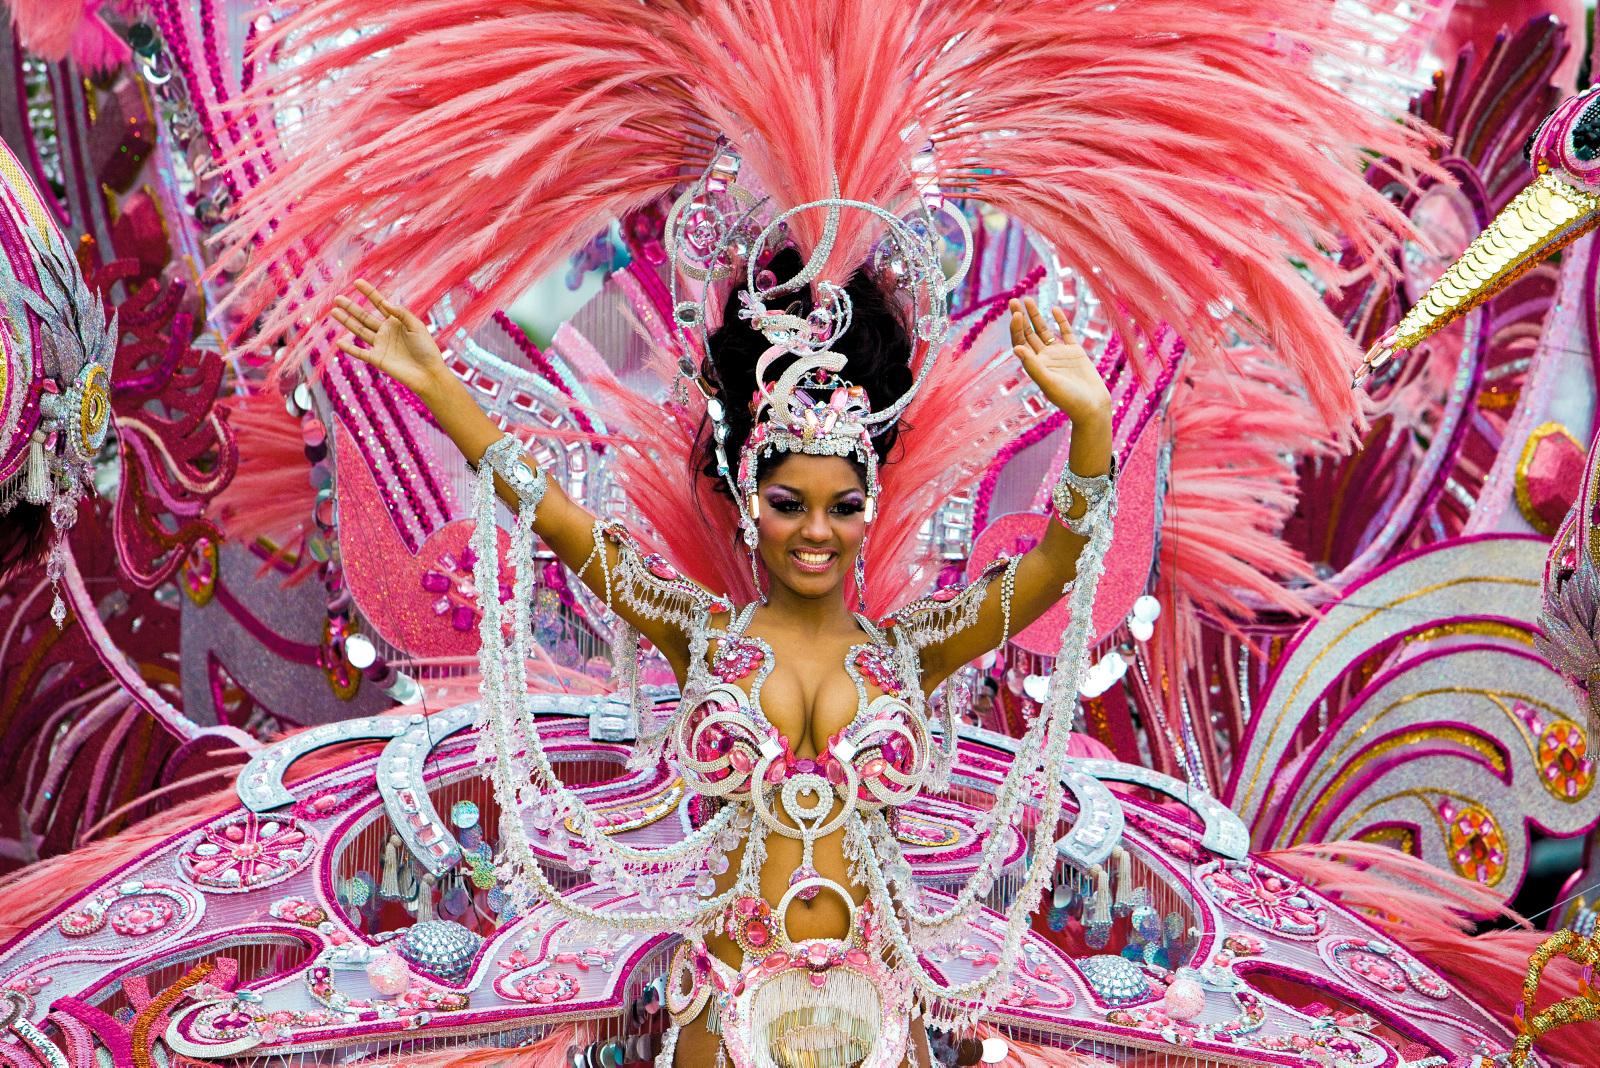 VERDENSKJENT KARNEVAL: I februar/mars går det forrykende karnevalet – som faktisk regnes som verdens nest største – av stabelen i Santa Cruz.